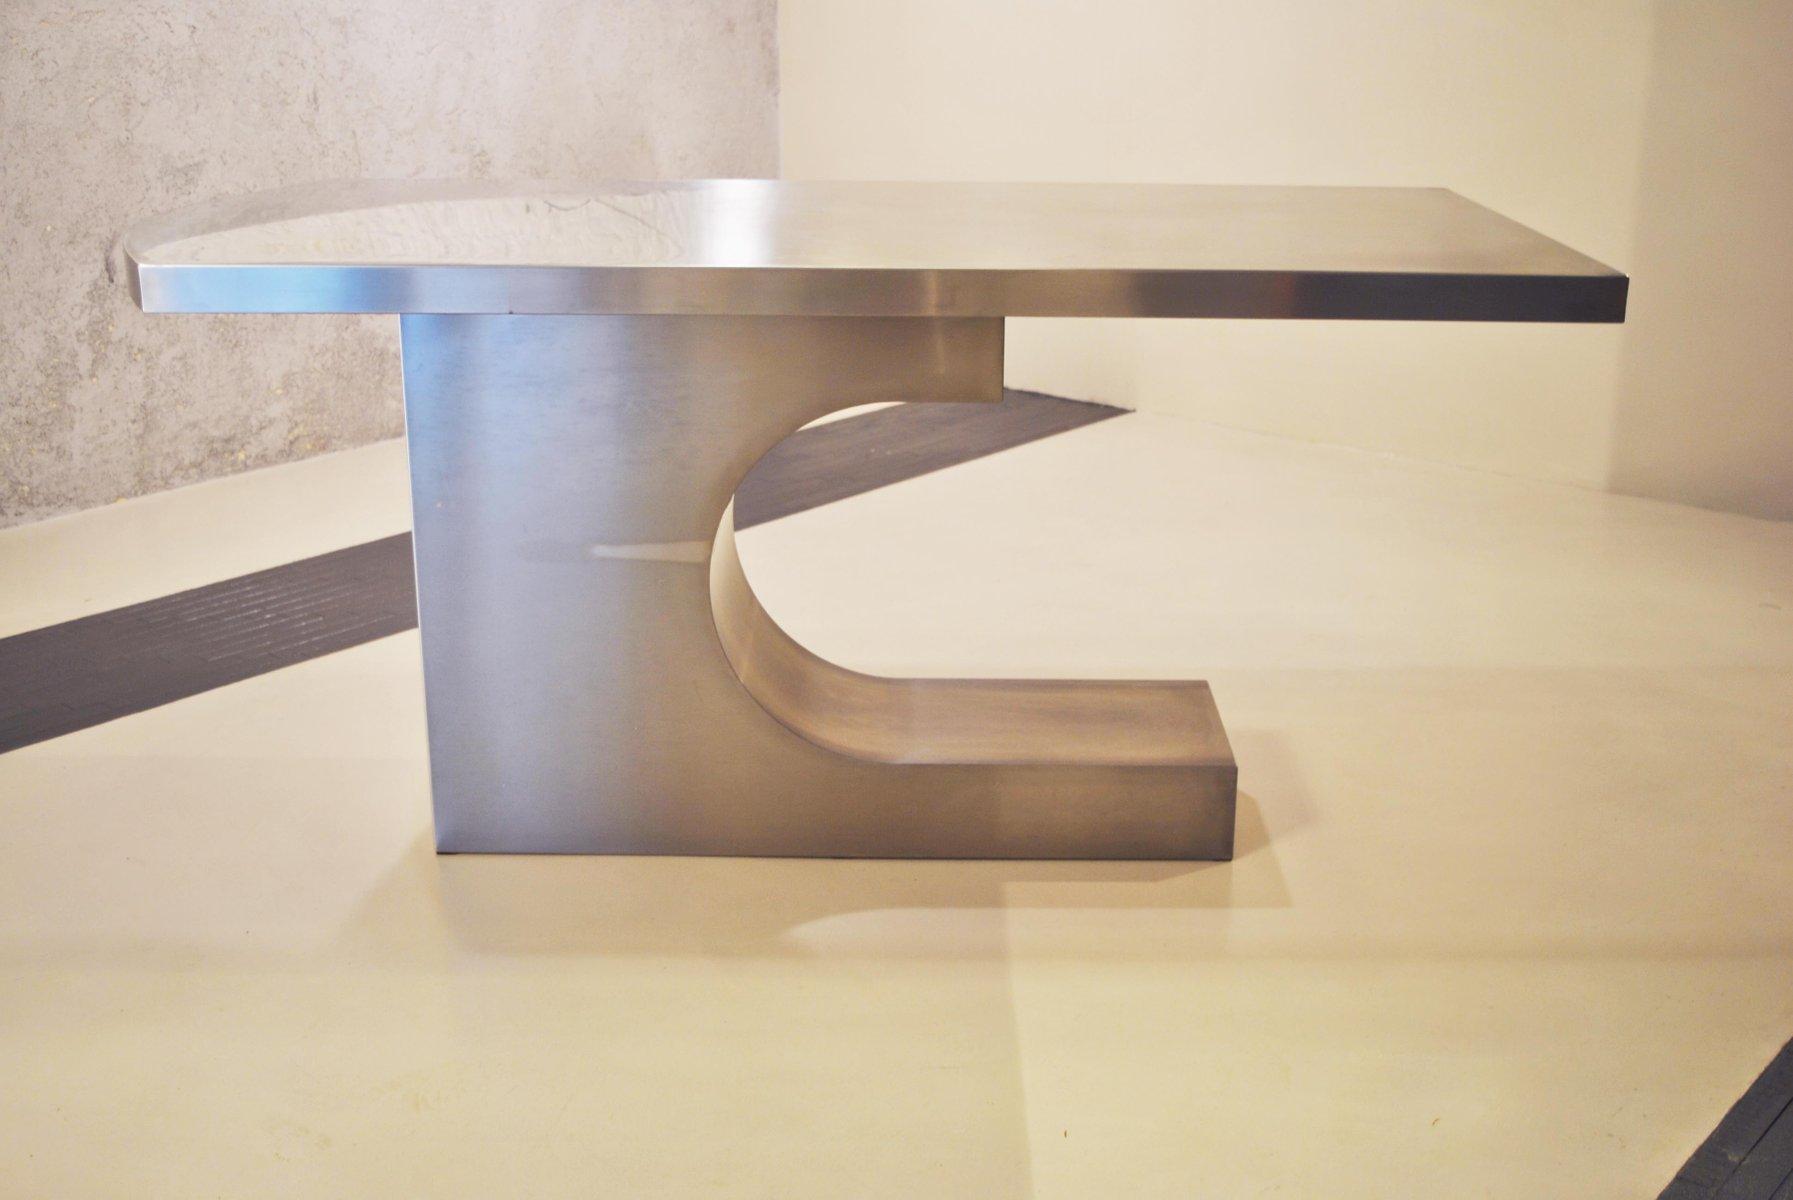 Space Age Tisch von Pierre Cardin, 1970er